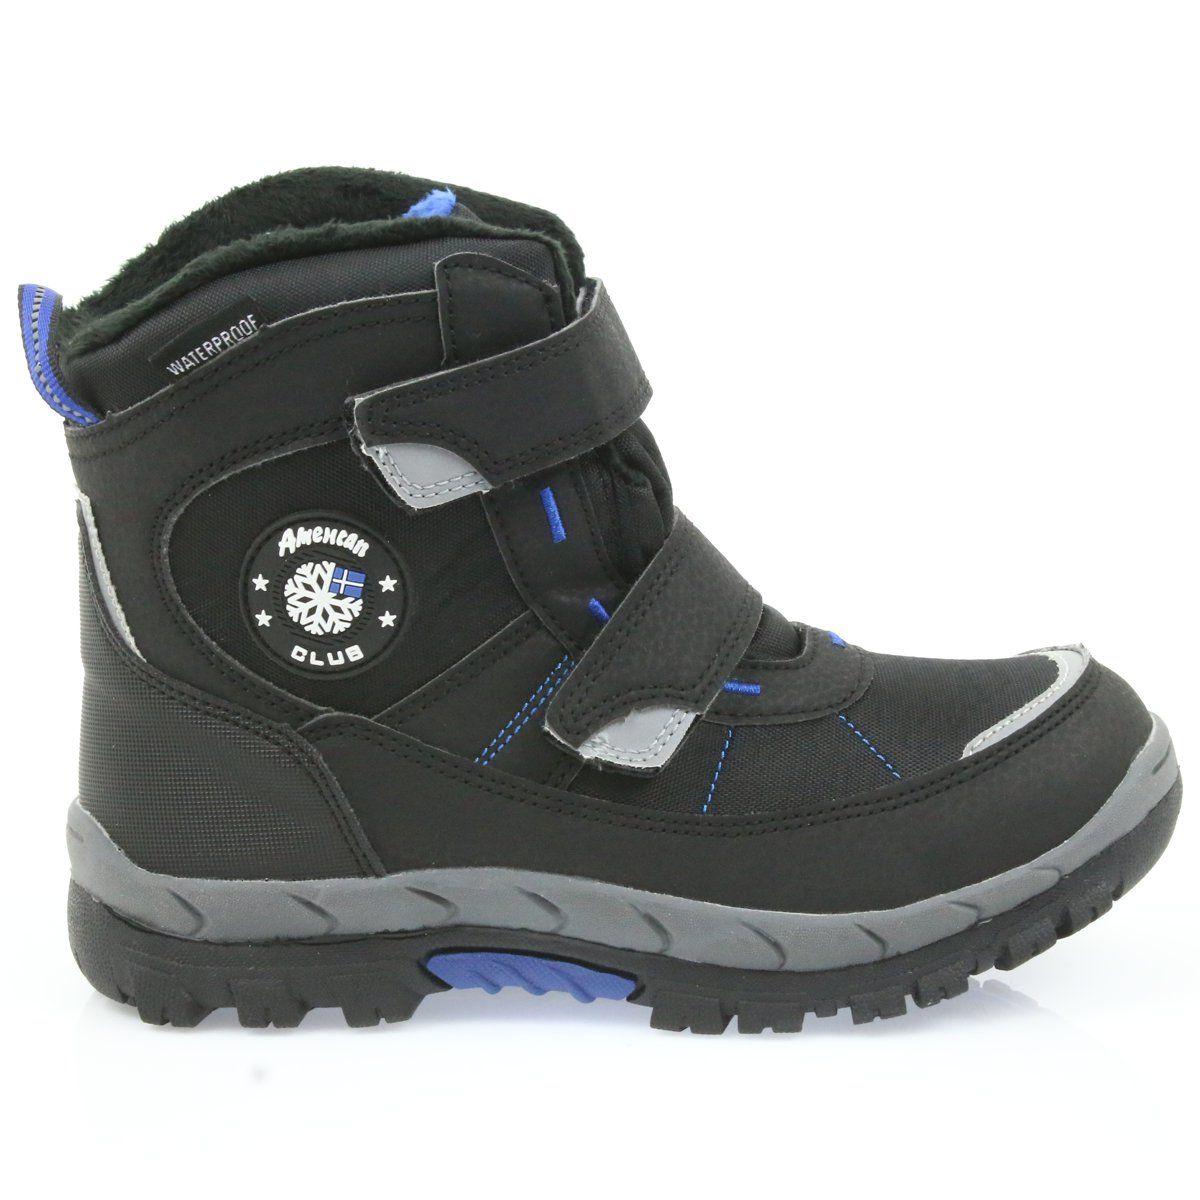 American Club American Kozaki Buty Zimowe Z Membrana 1122 Czarne Niebieskie Boots Winter Boots Childrens Boots